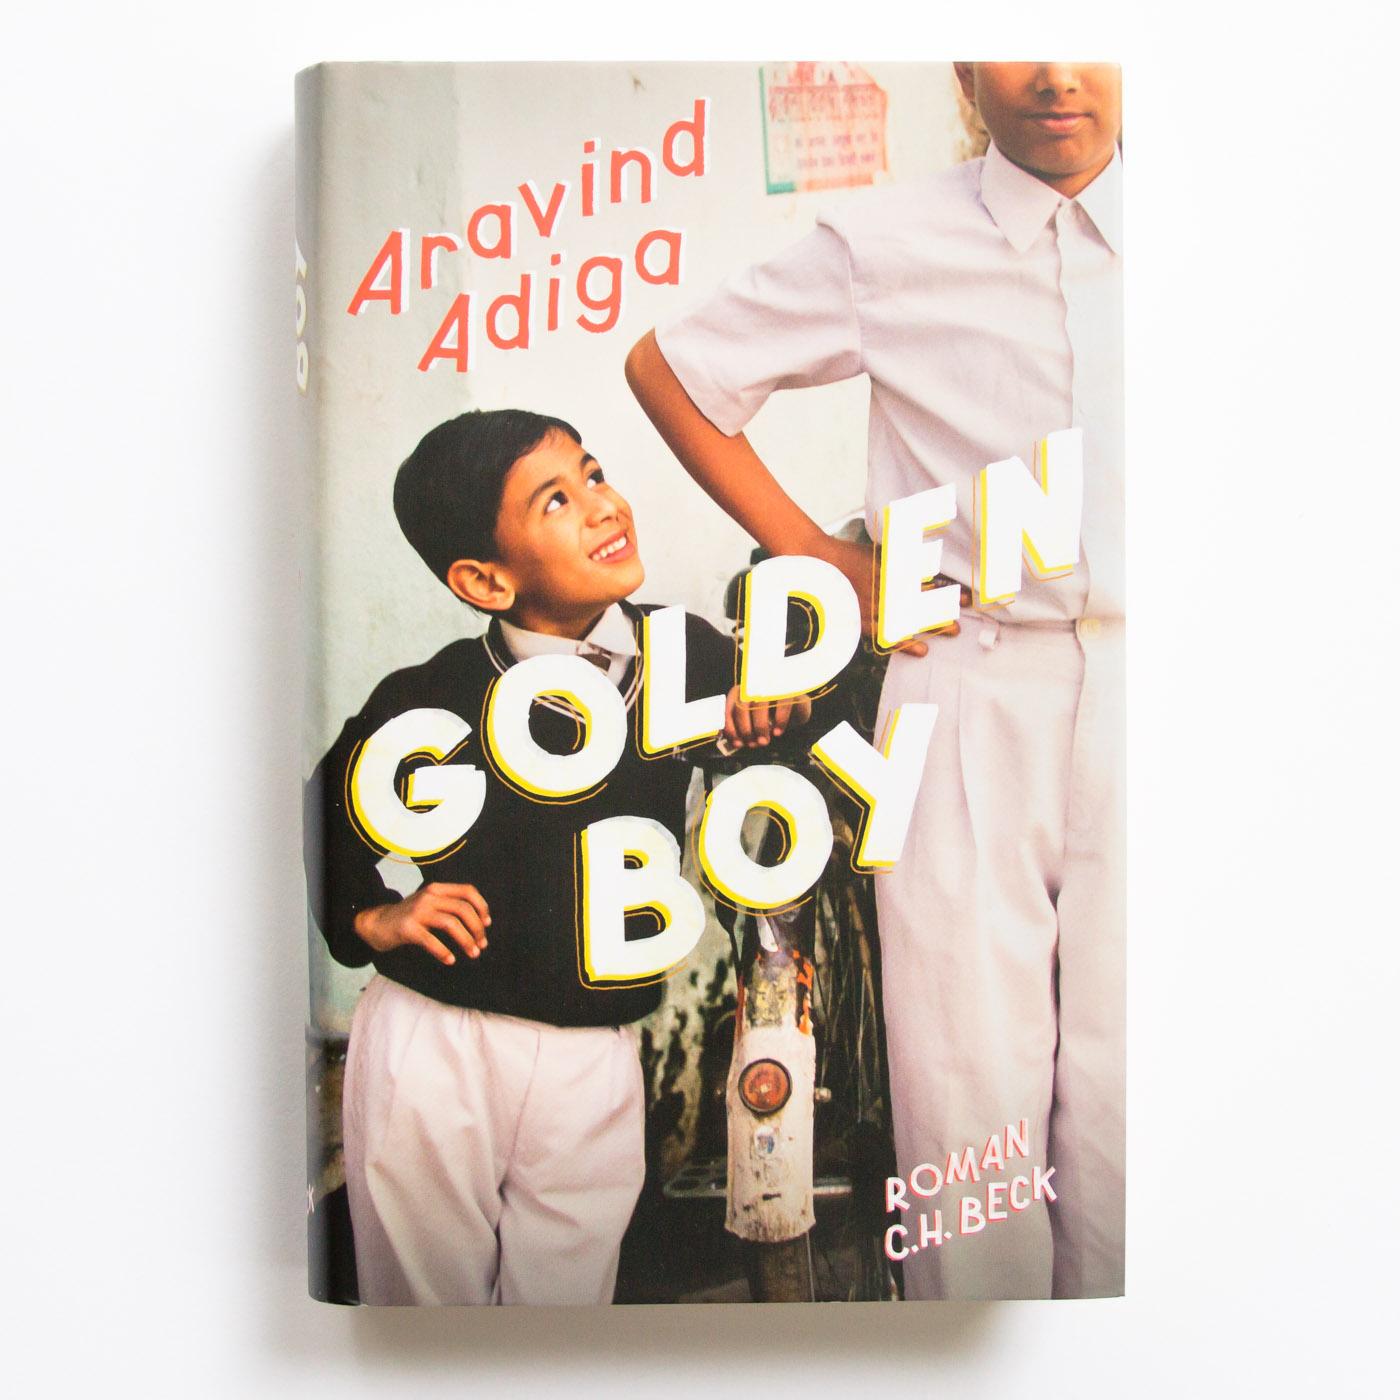 Titel-Lettering für den neuen Roman von Aravind Adiga, Verlag C.H. Beck